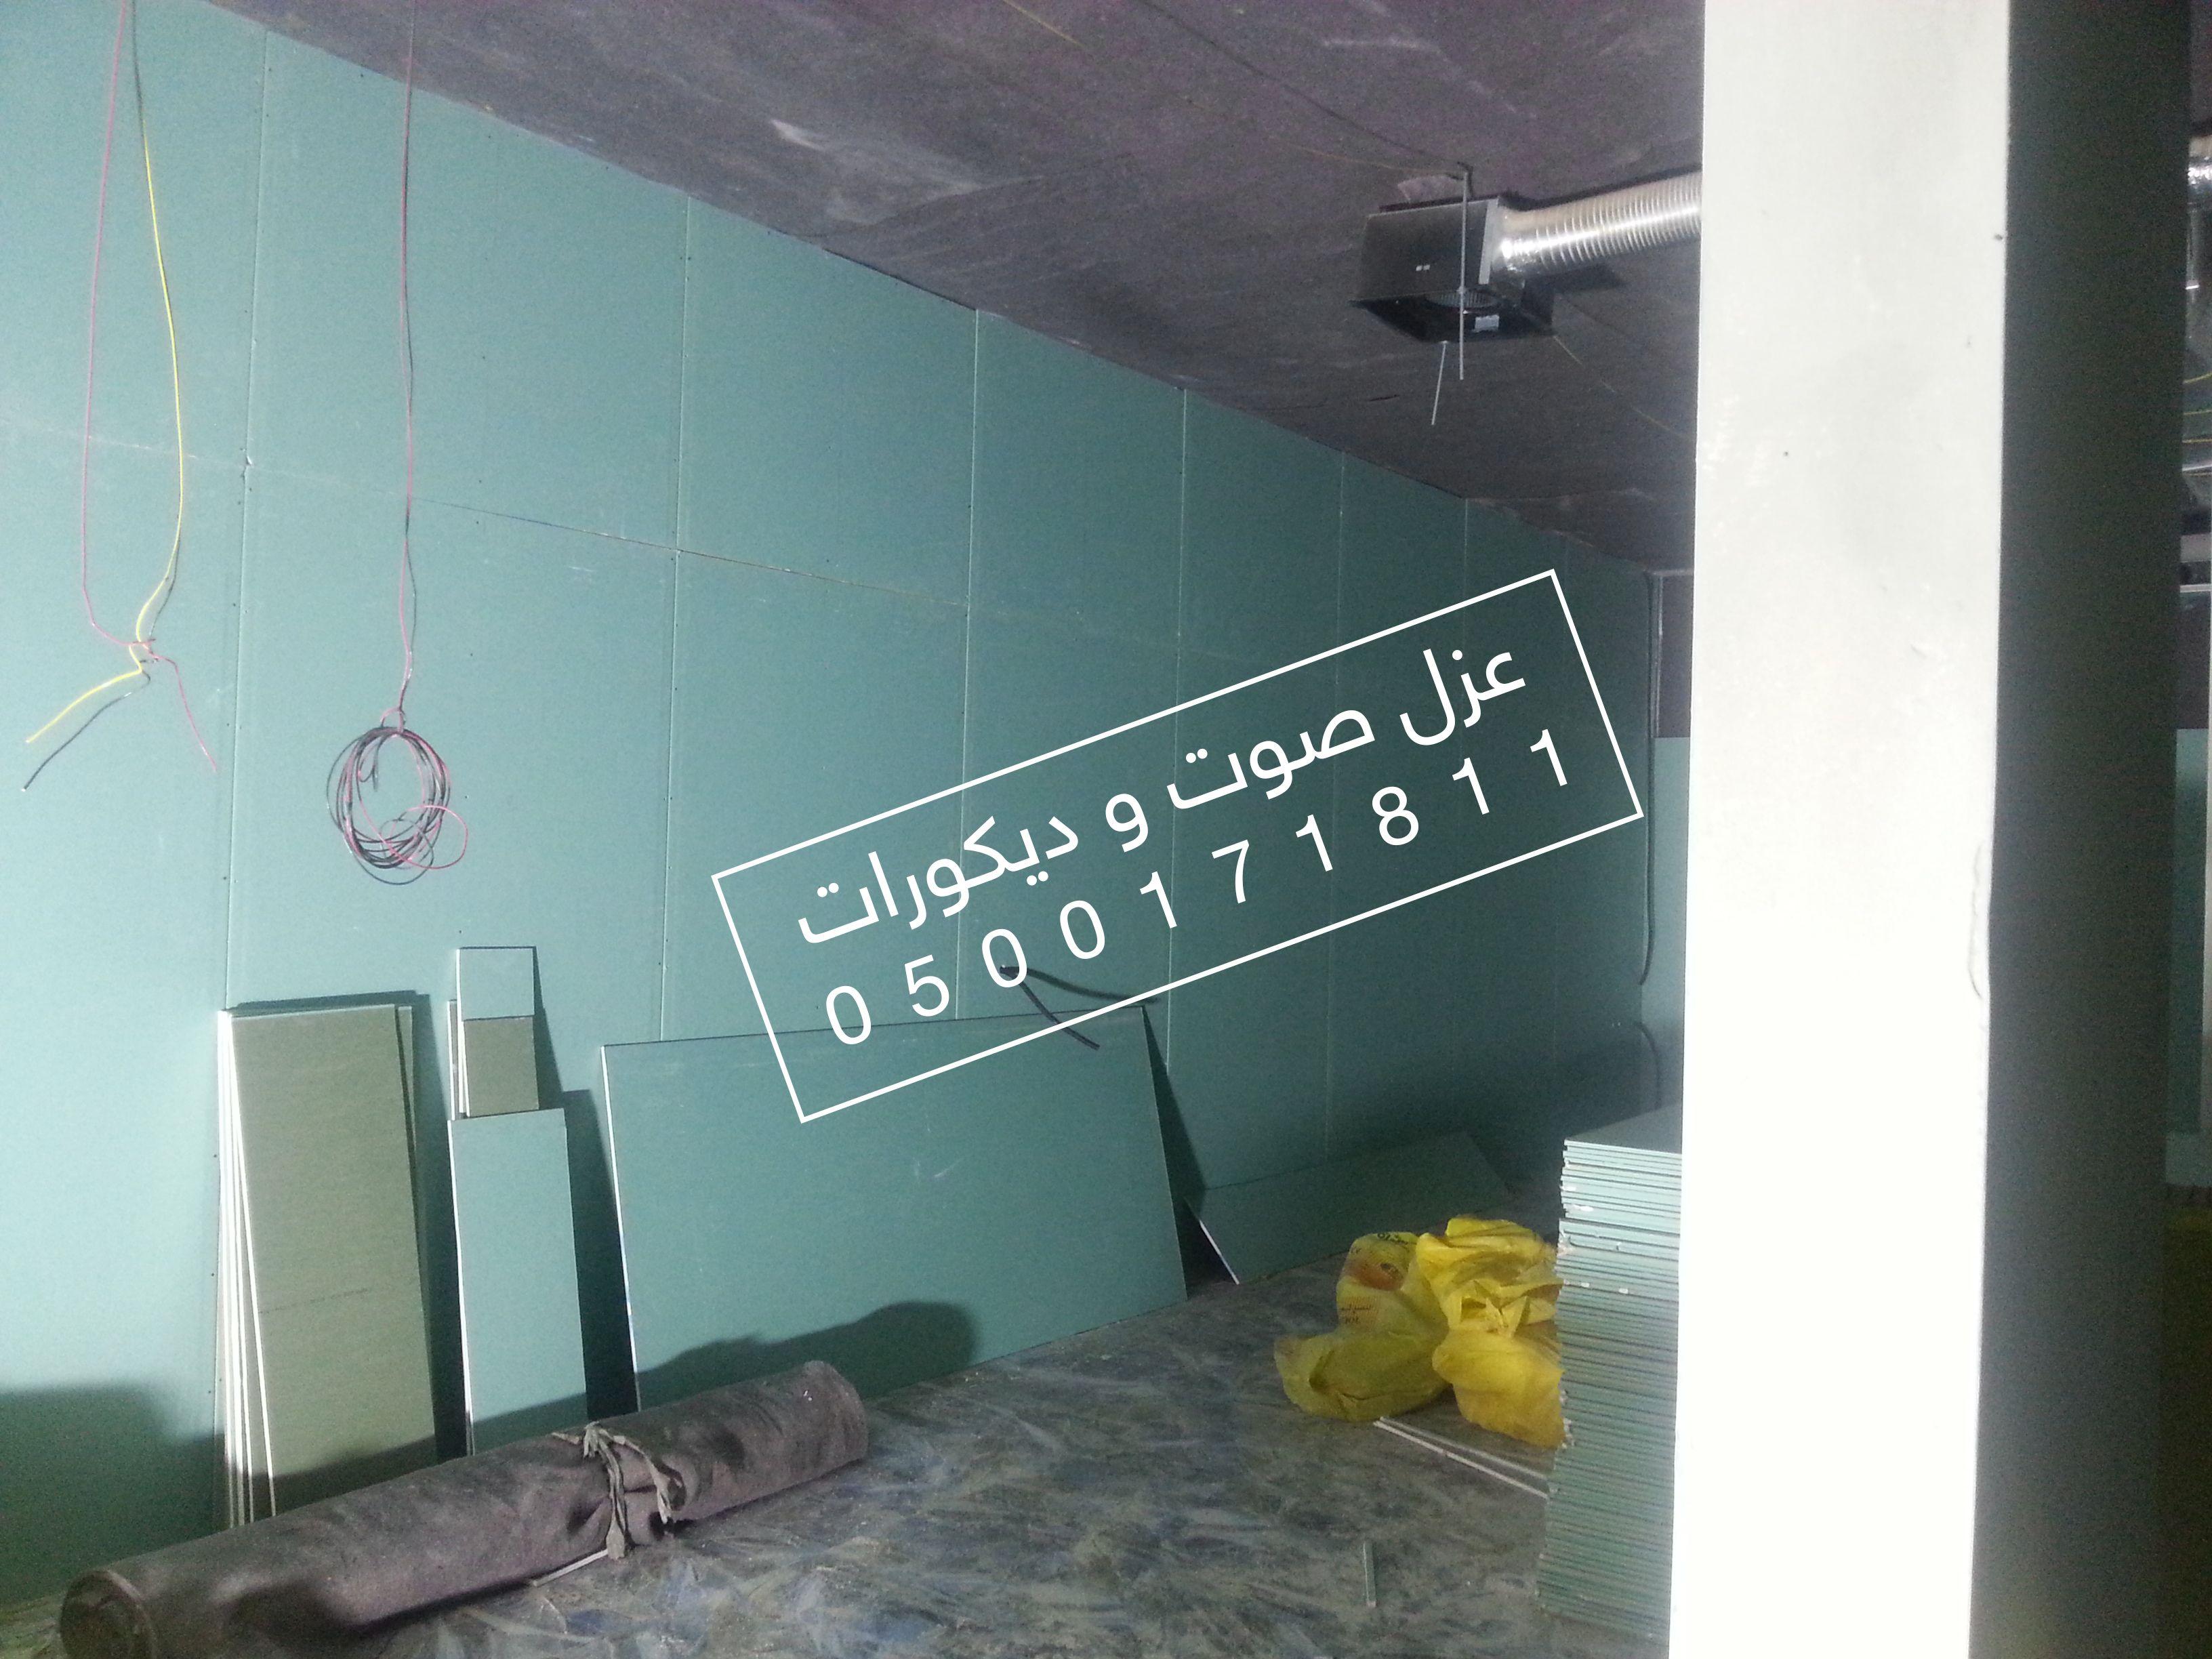 تركيب عوازل الصوت للجدران عزل الغرف Home Decor Decals Home Home Decor